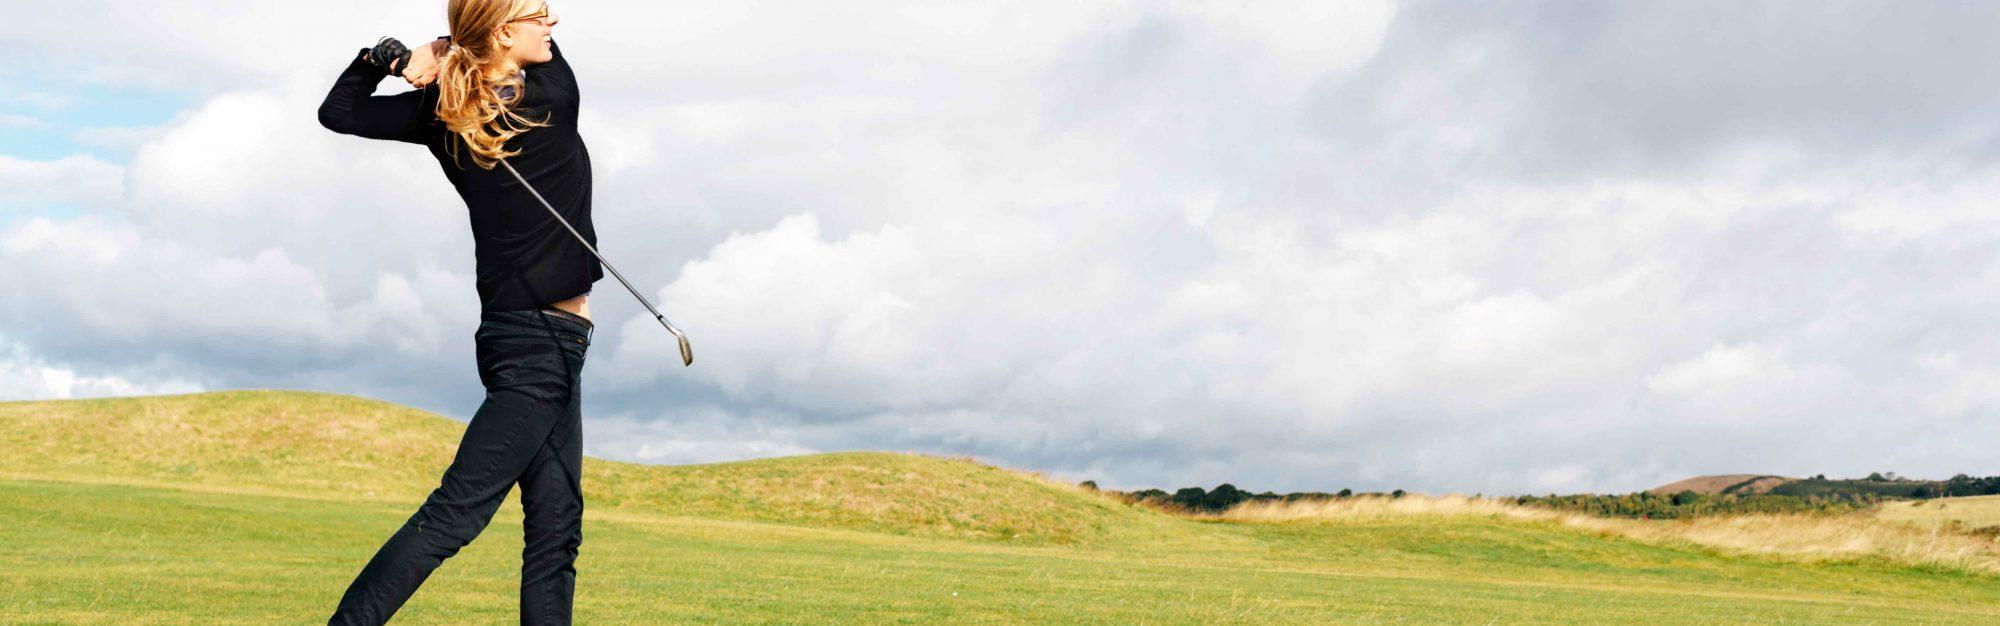 Meet OpenPlay: Scottish Golf launches independent golfer scheme